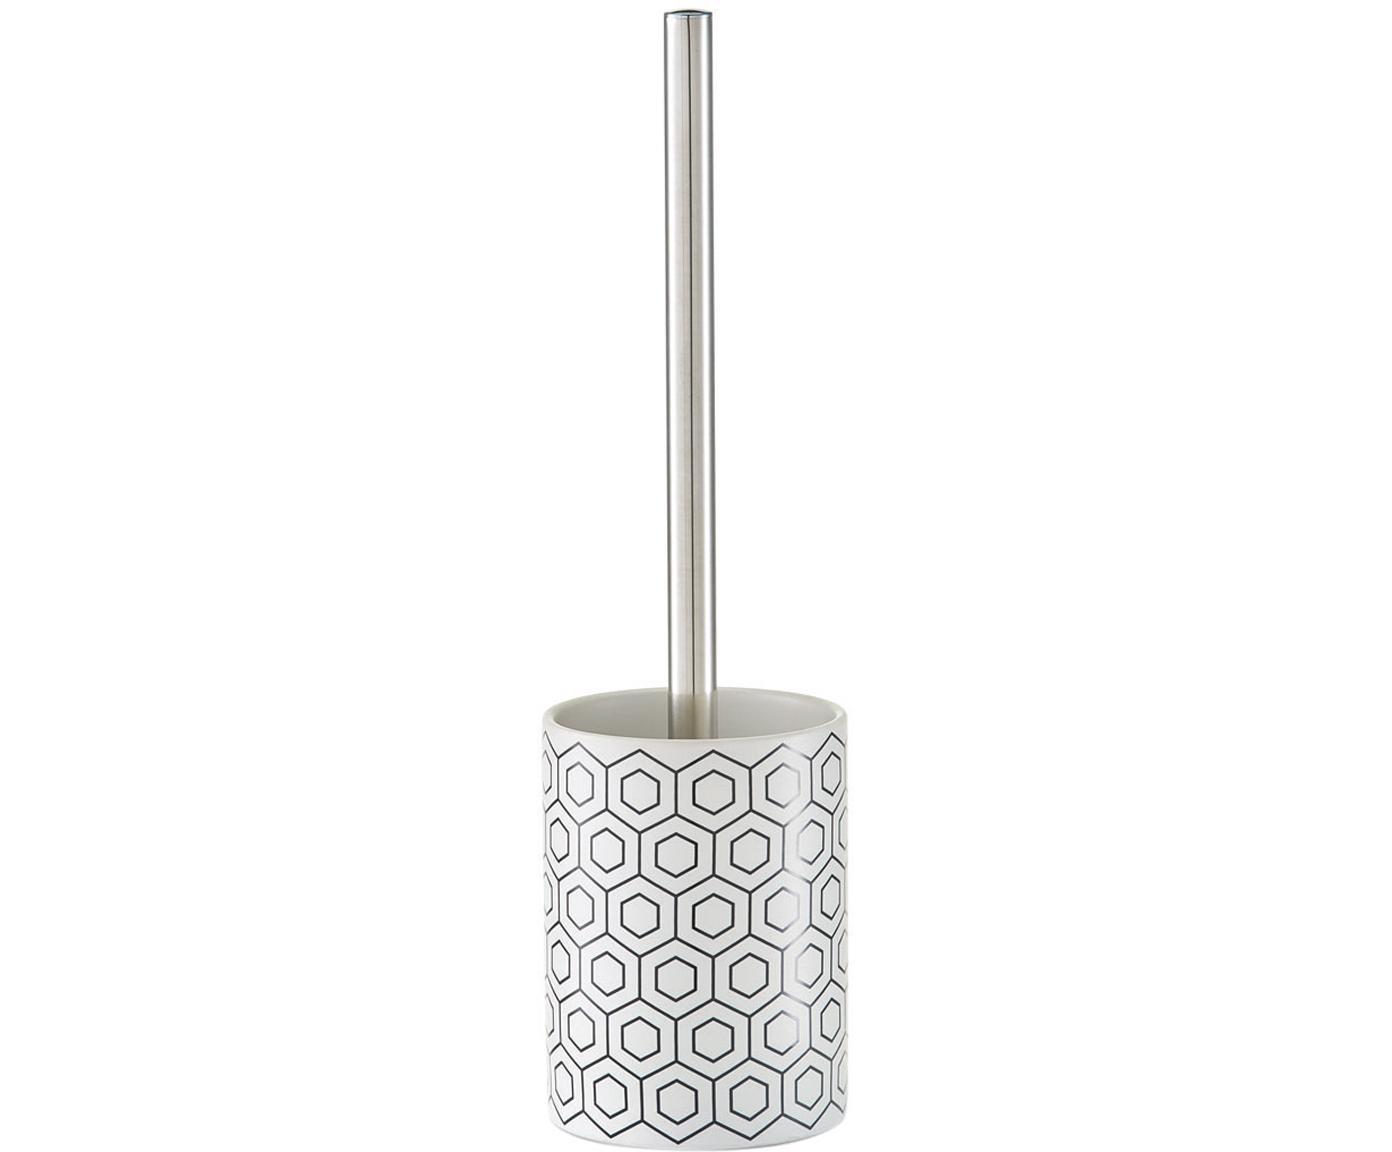 Toilettenbürste Graphic mit Keramik-Behälter, Griff: Metall, Schwarz, Weiss, Ø 10 x H 35 cm